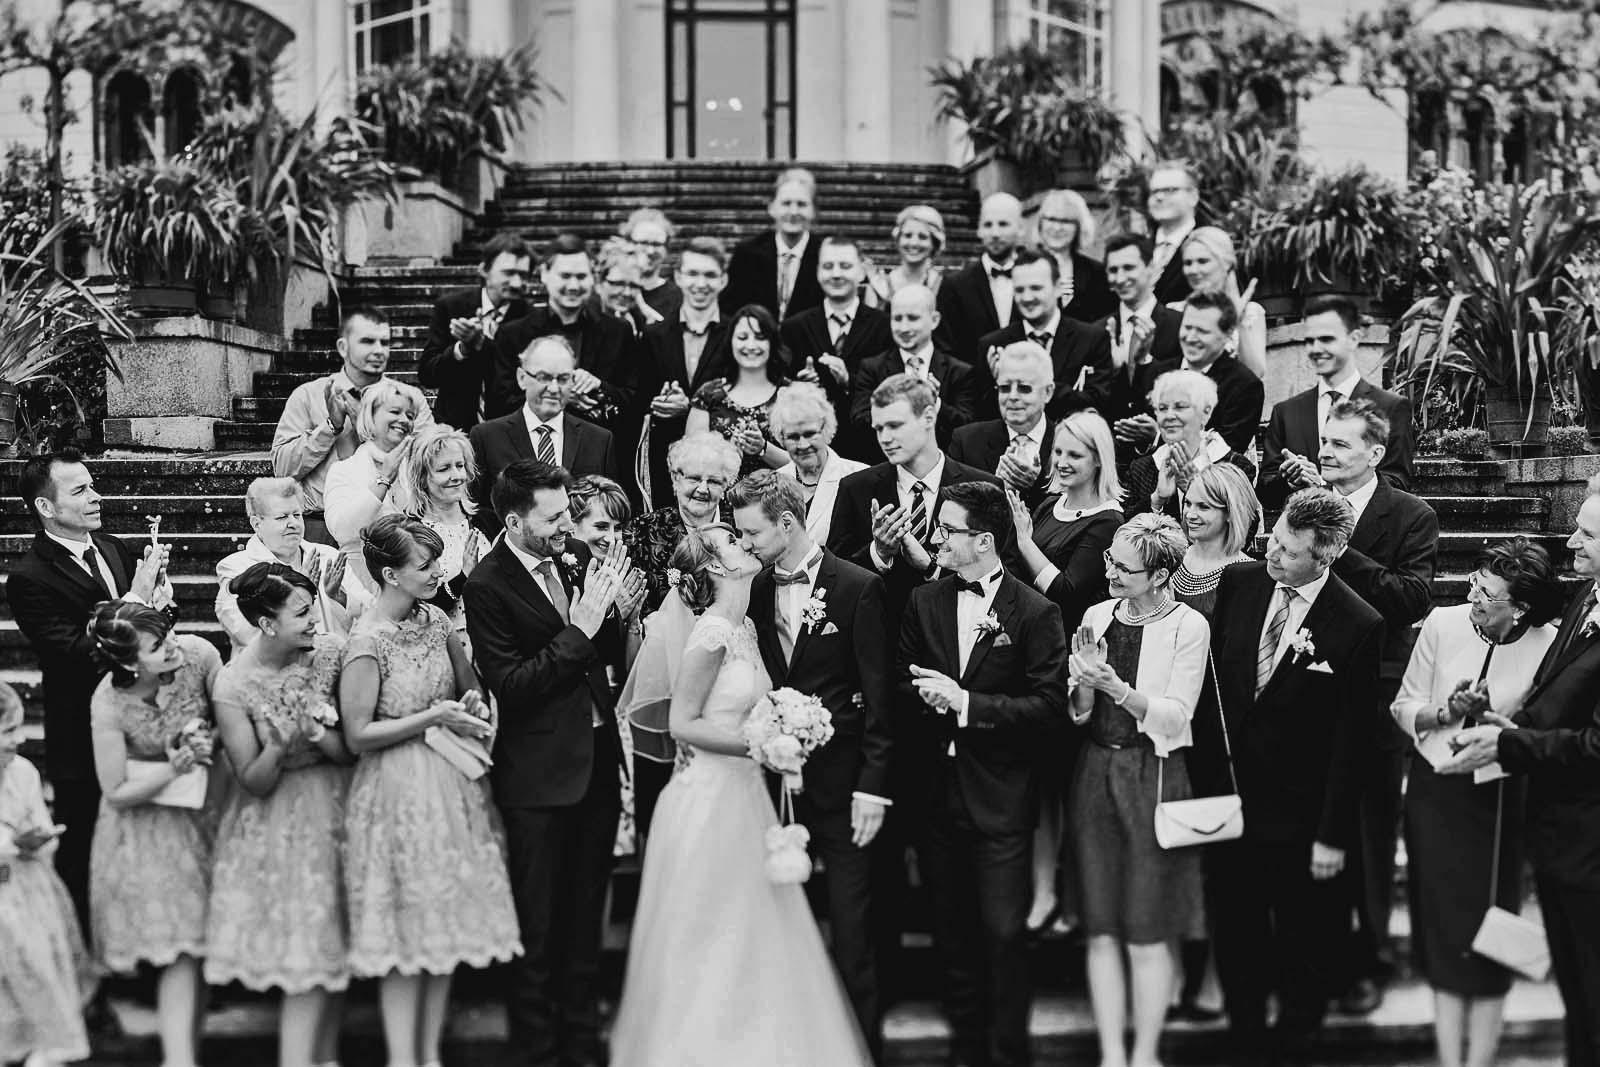 Gruppenfoto vom Hochzeitsfotograf Berlin Copyright by Hochzeitsfotograf www.berliner-hochzeitsfotografie.de